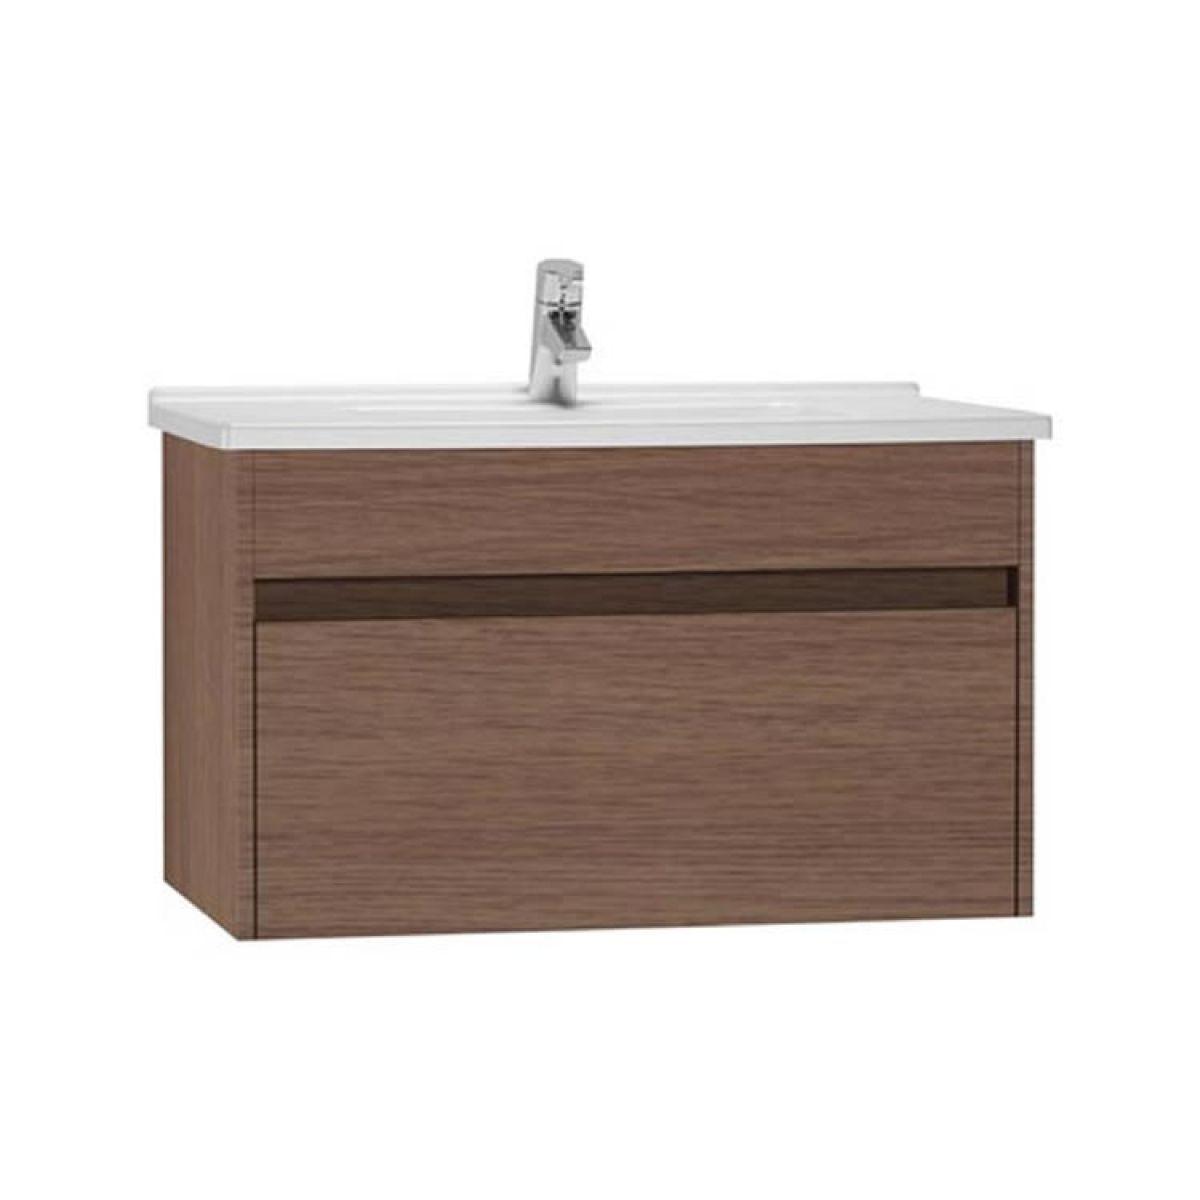 Vitra S50 Vanity Unit and Basin Set. Vitra S50 Vanity Unit and Basin Set   UK Bathrooms